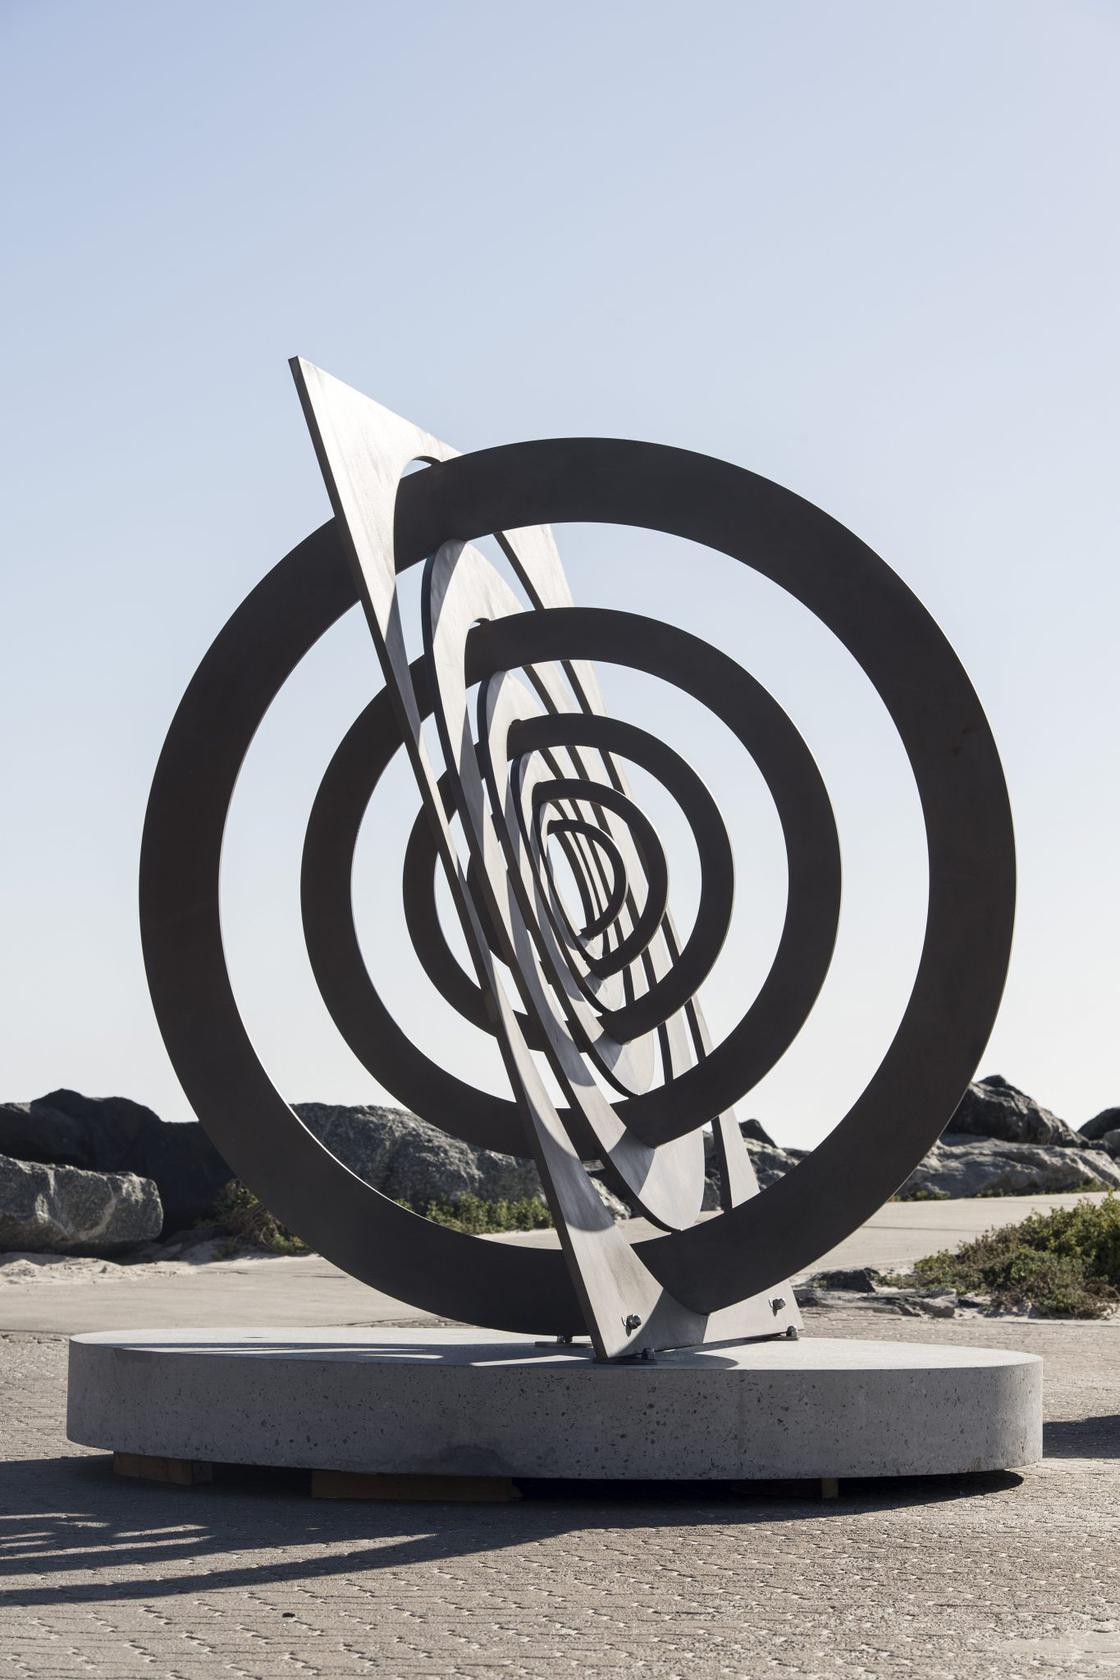 art featured popular sculpture